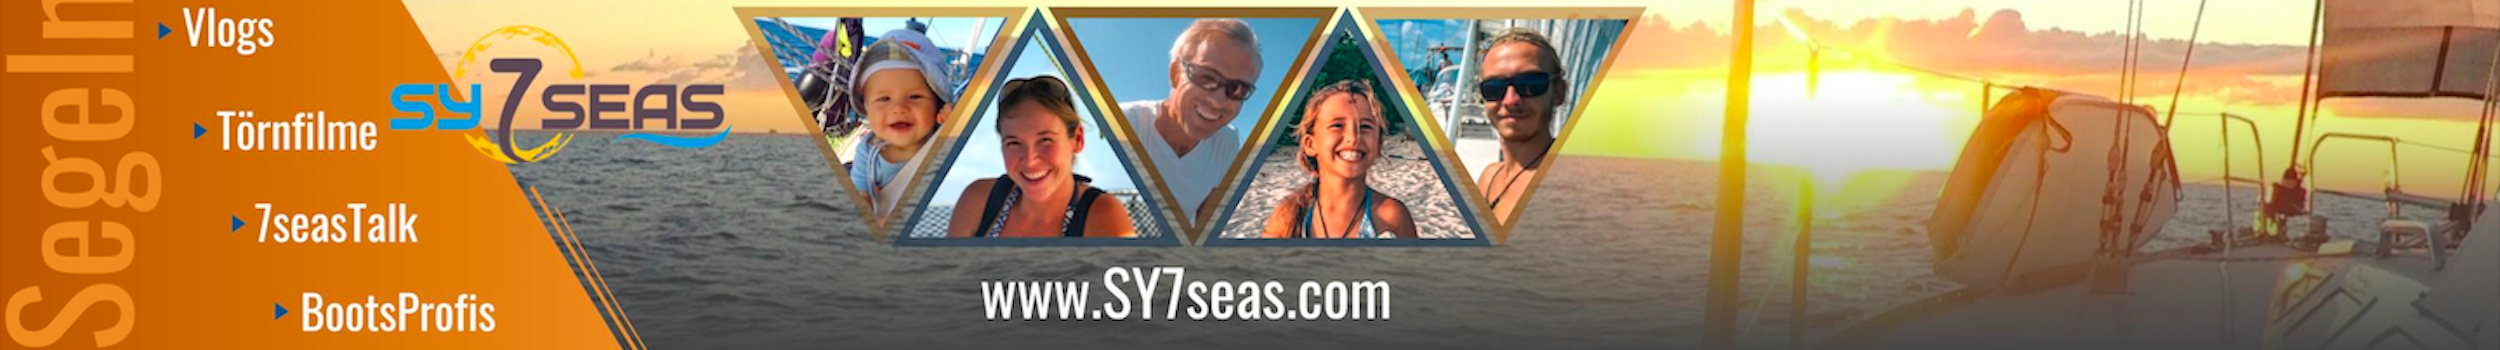 SY7seas